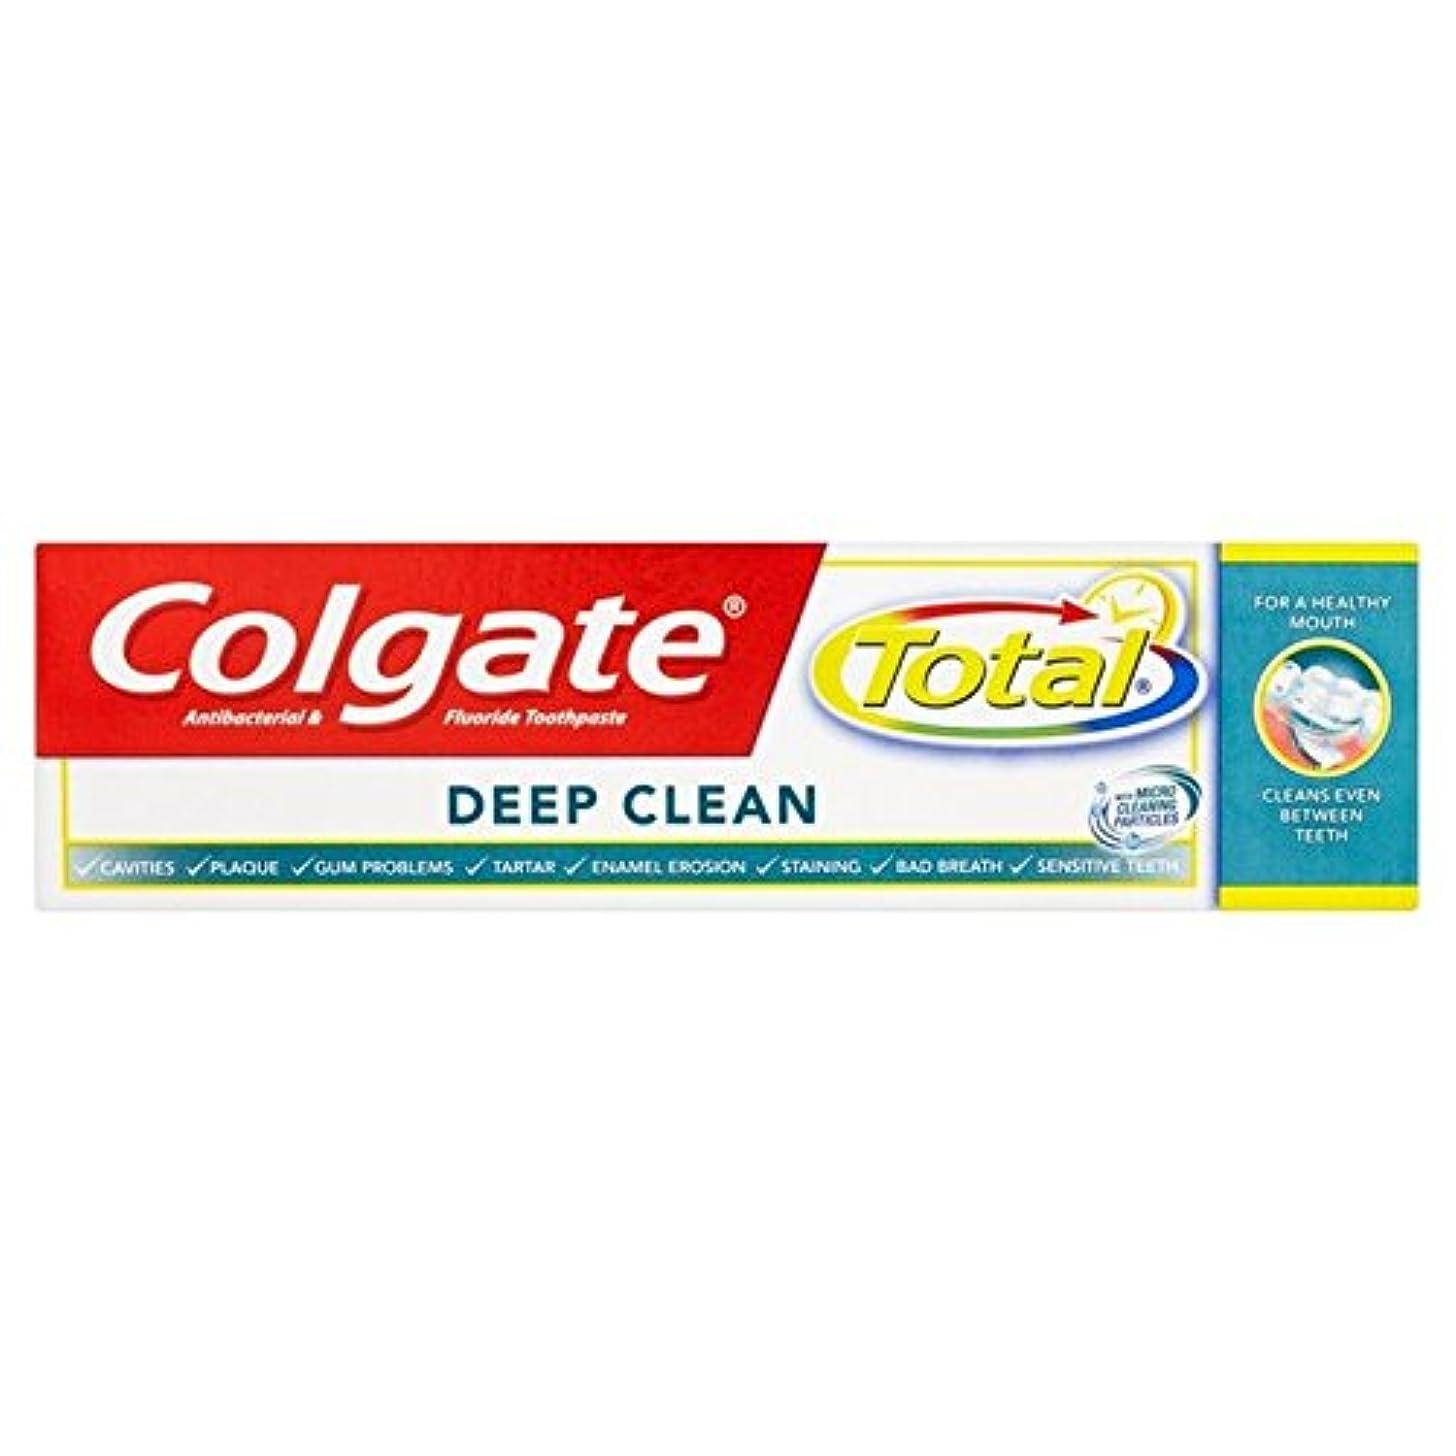 盲信パスポートコントローラコルゲートトータル深いクリーン歯磨き粉75ミリリットル x4 - Colgate Total Deep Clean Toothpaste 75ml (Pack of 4) [並行輸入品]